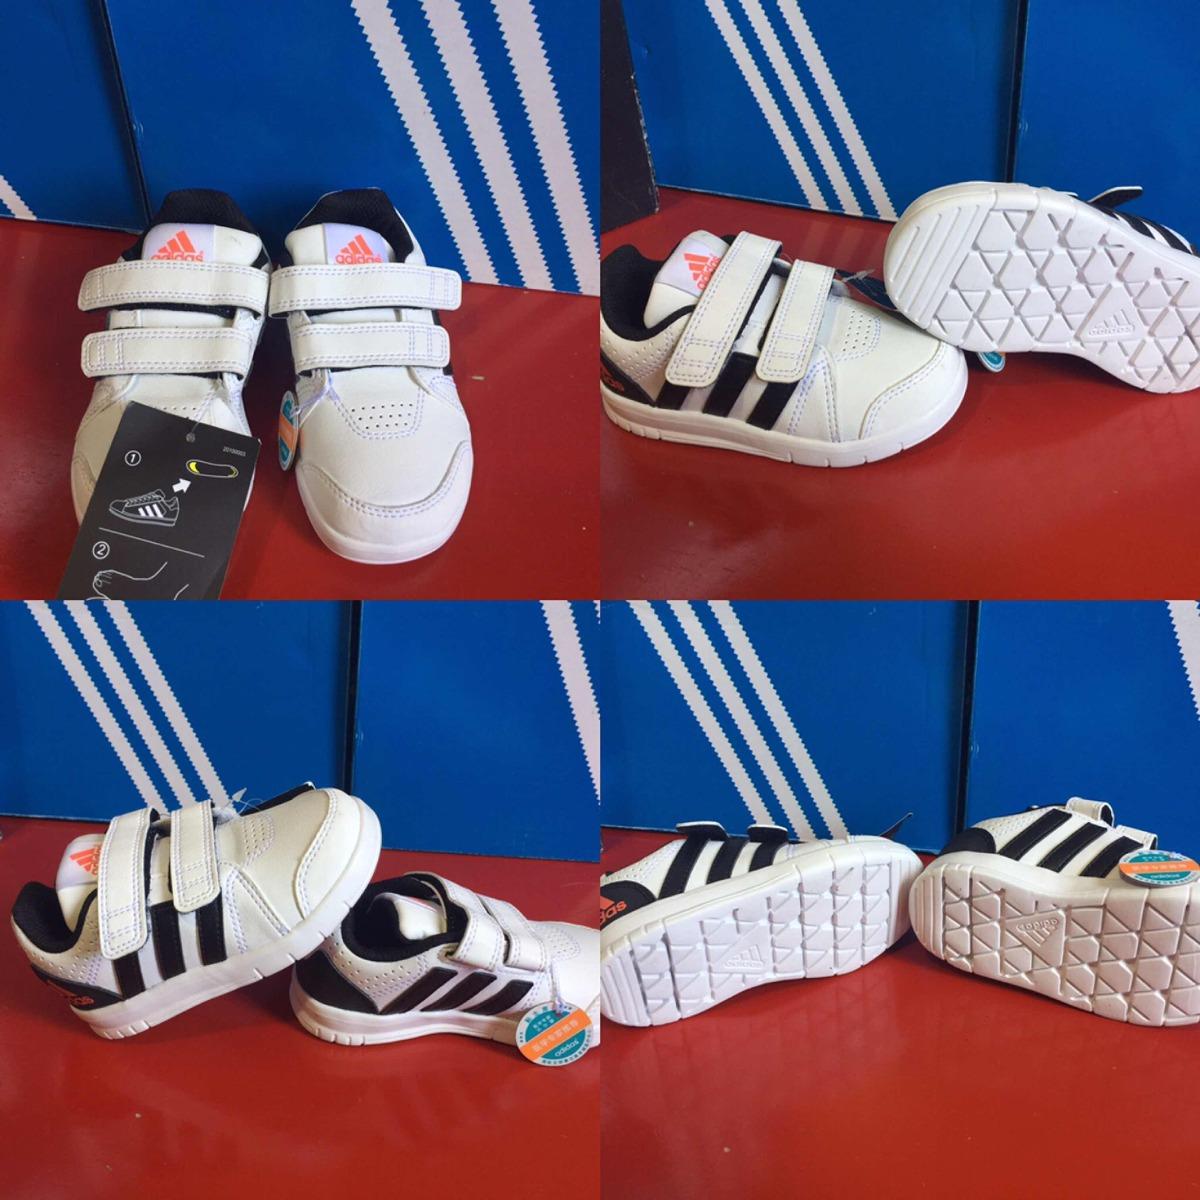 963b196742c1 zapatos adidas adifit de niños originales. Cargando zoom.